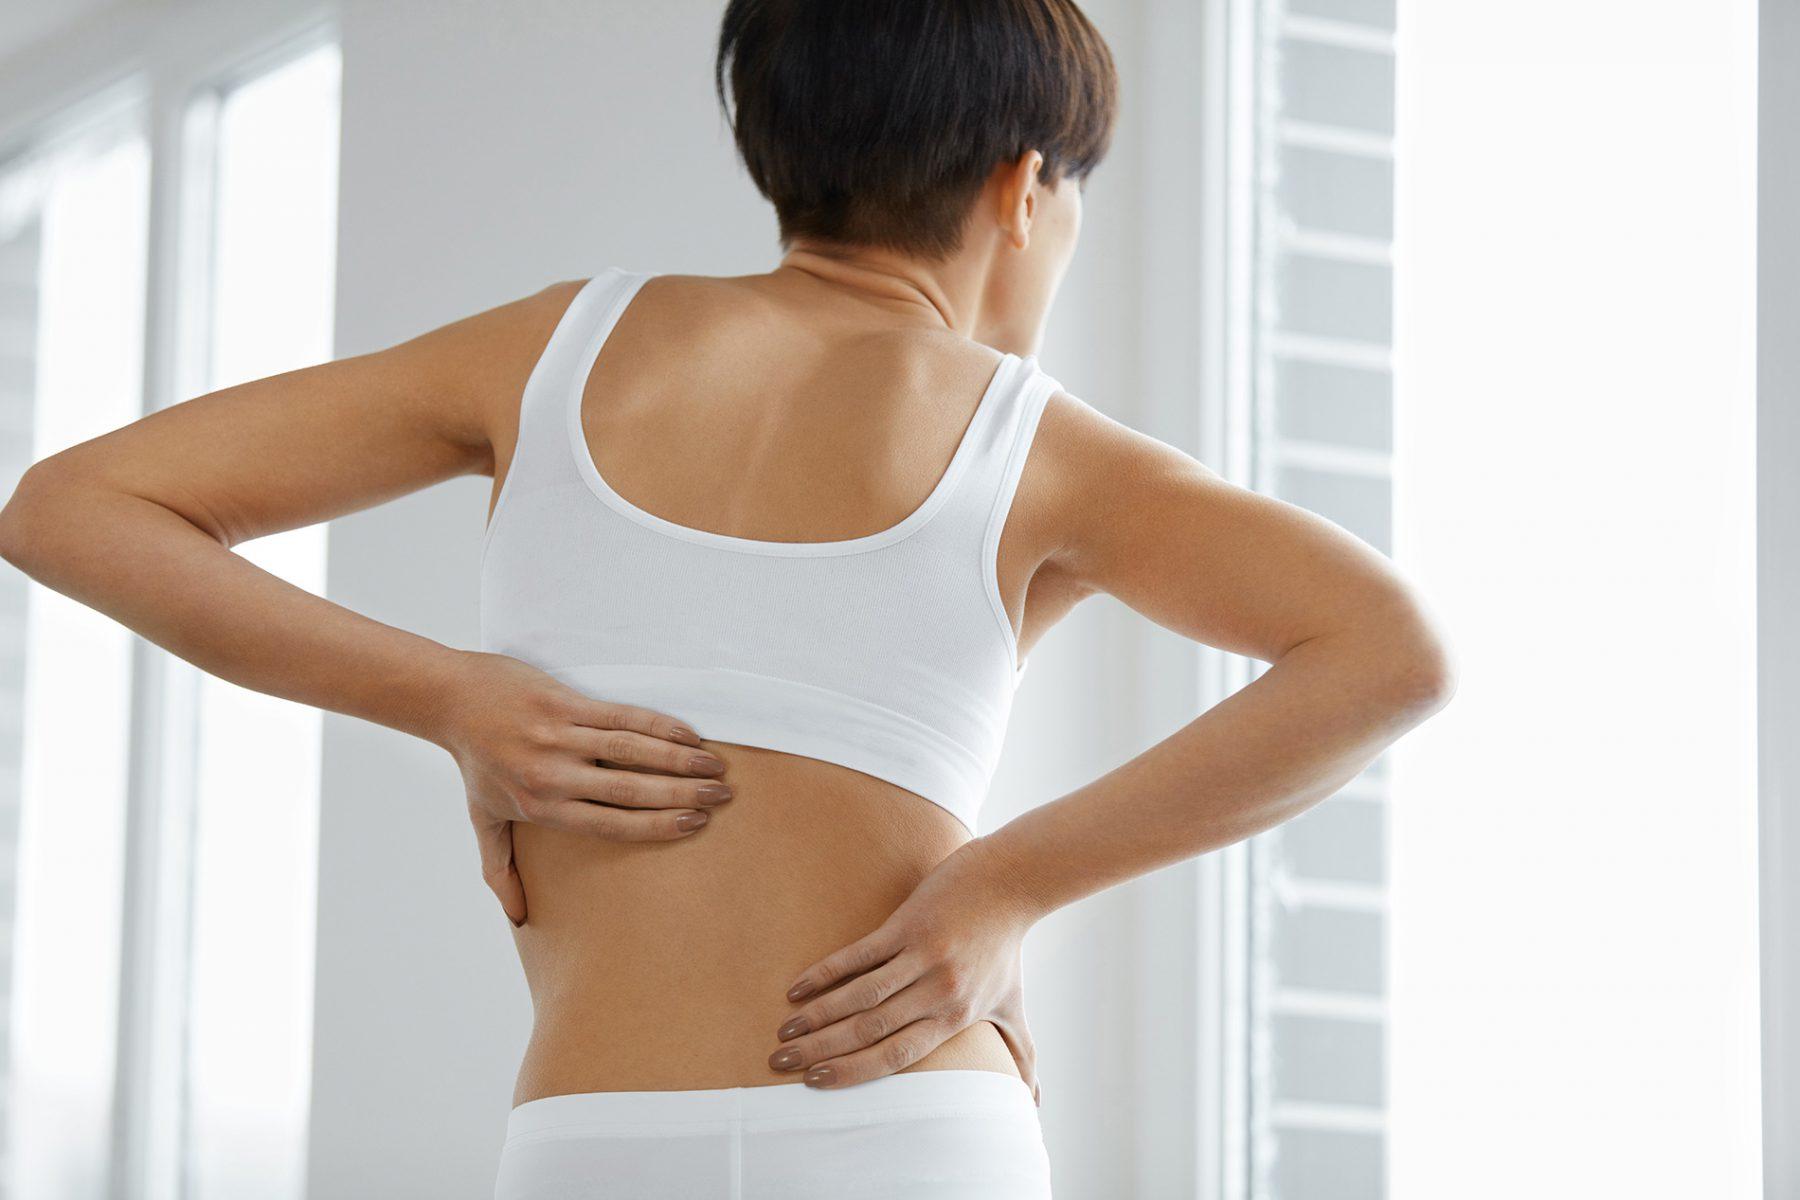 Bóle w chorobie zwyrodnieniowej stawów